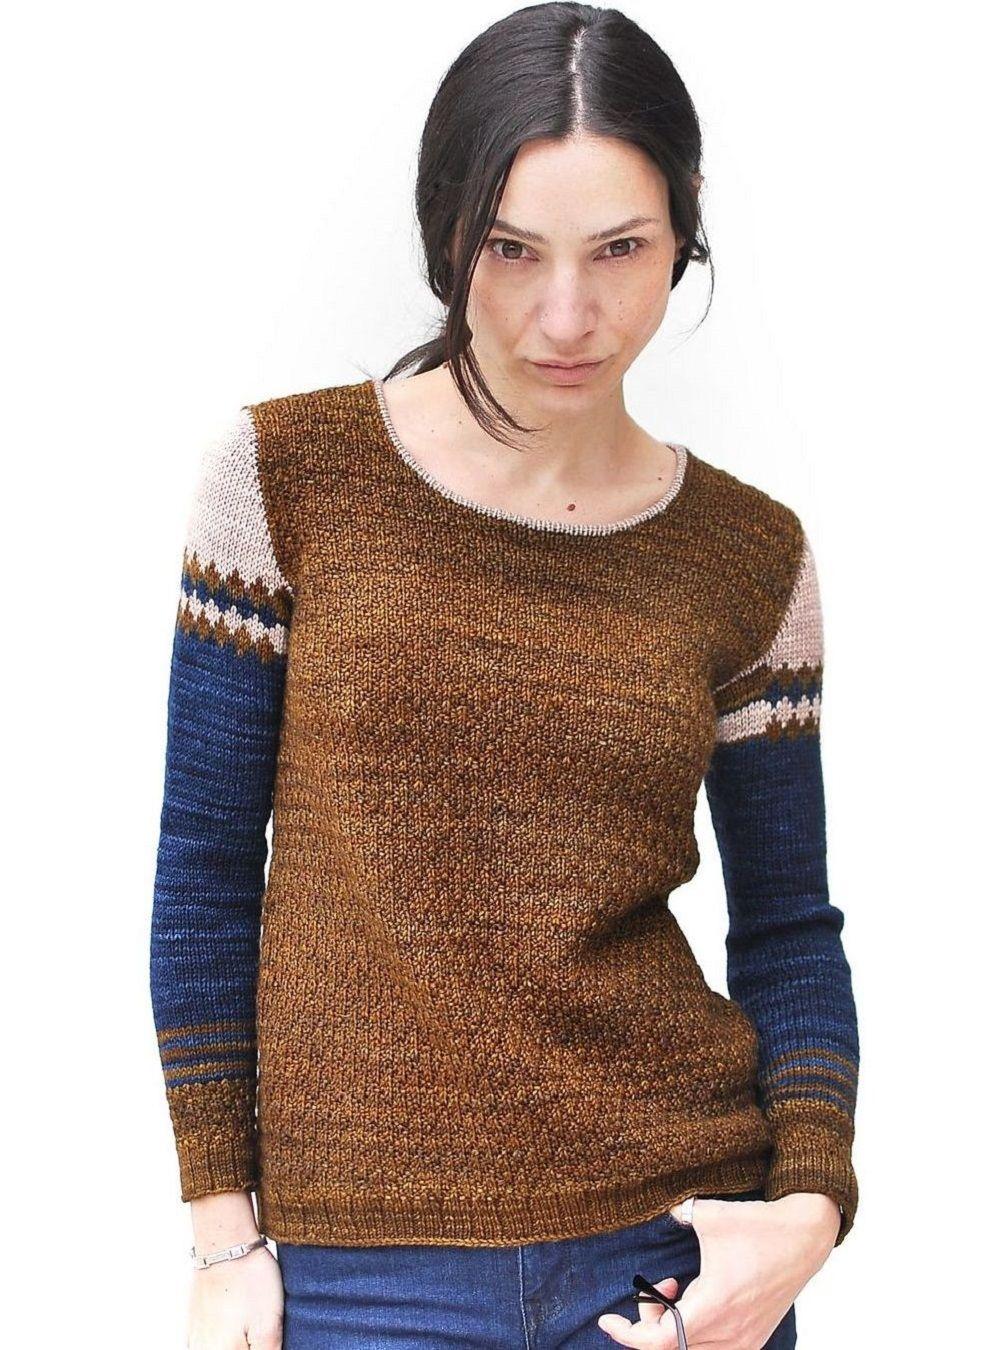 вязание женских моделей пуловеров со схемами из трехцветной гаммы